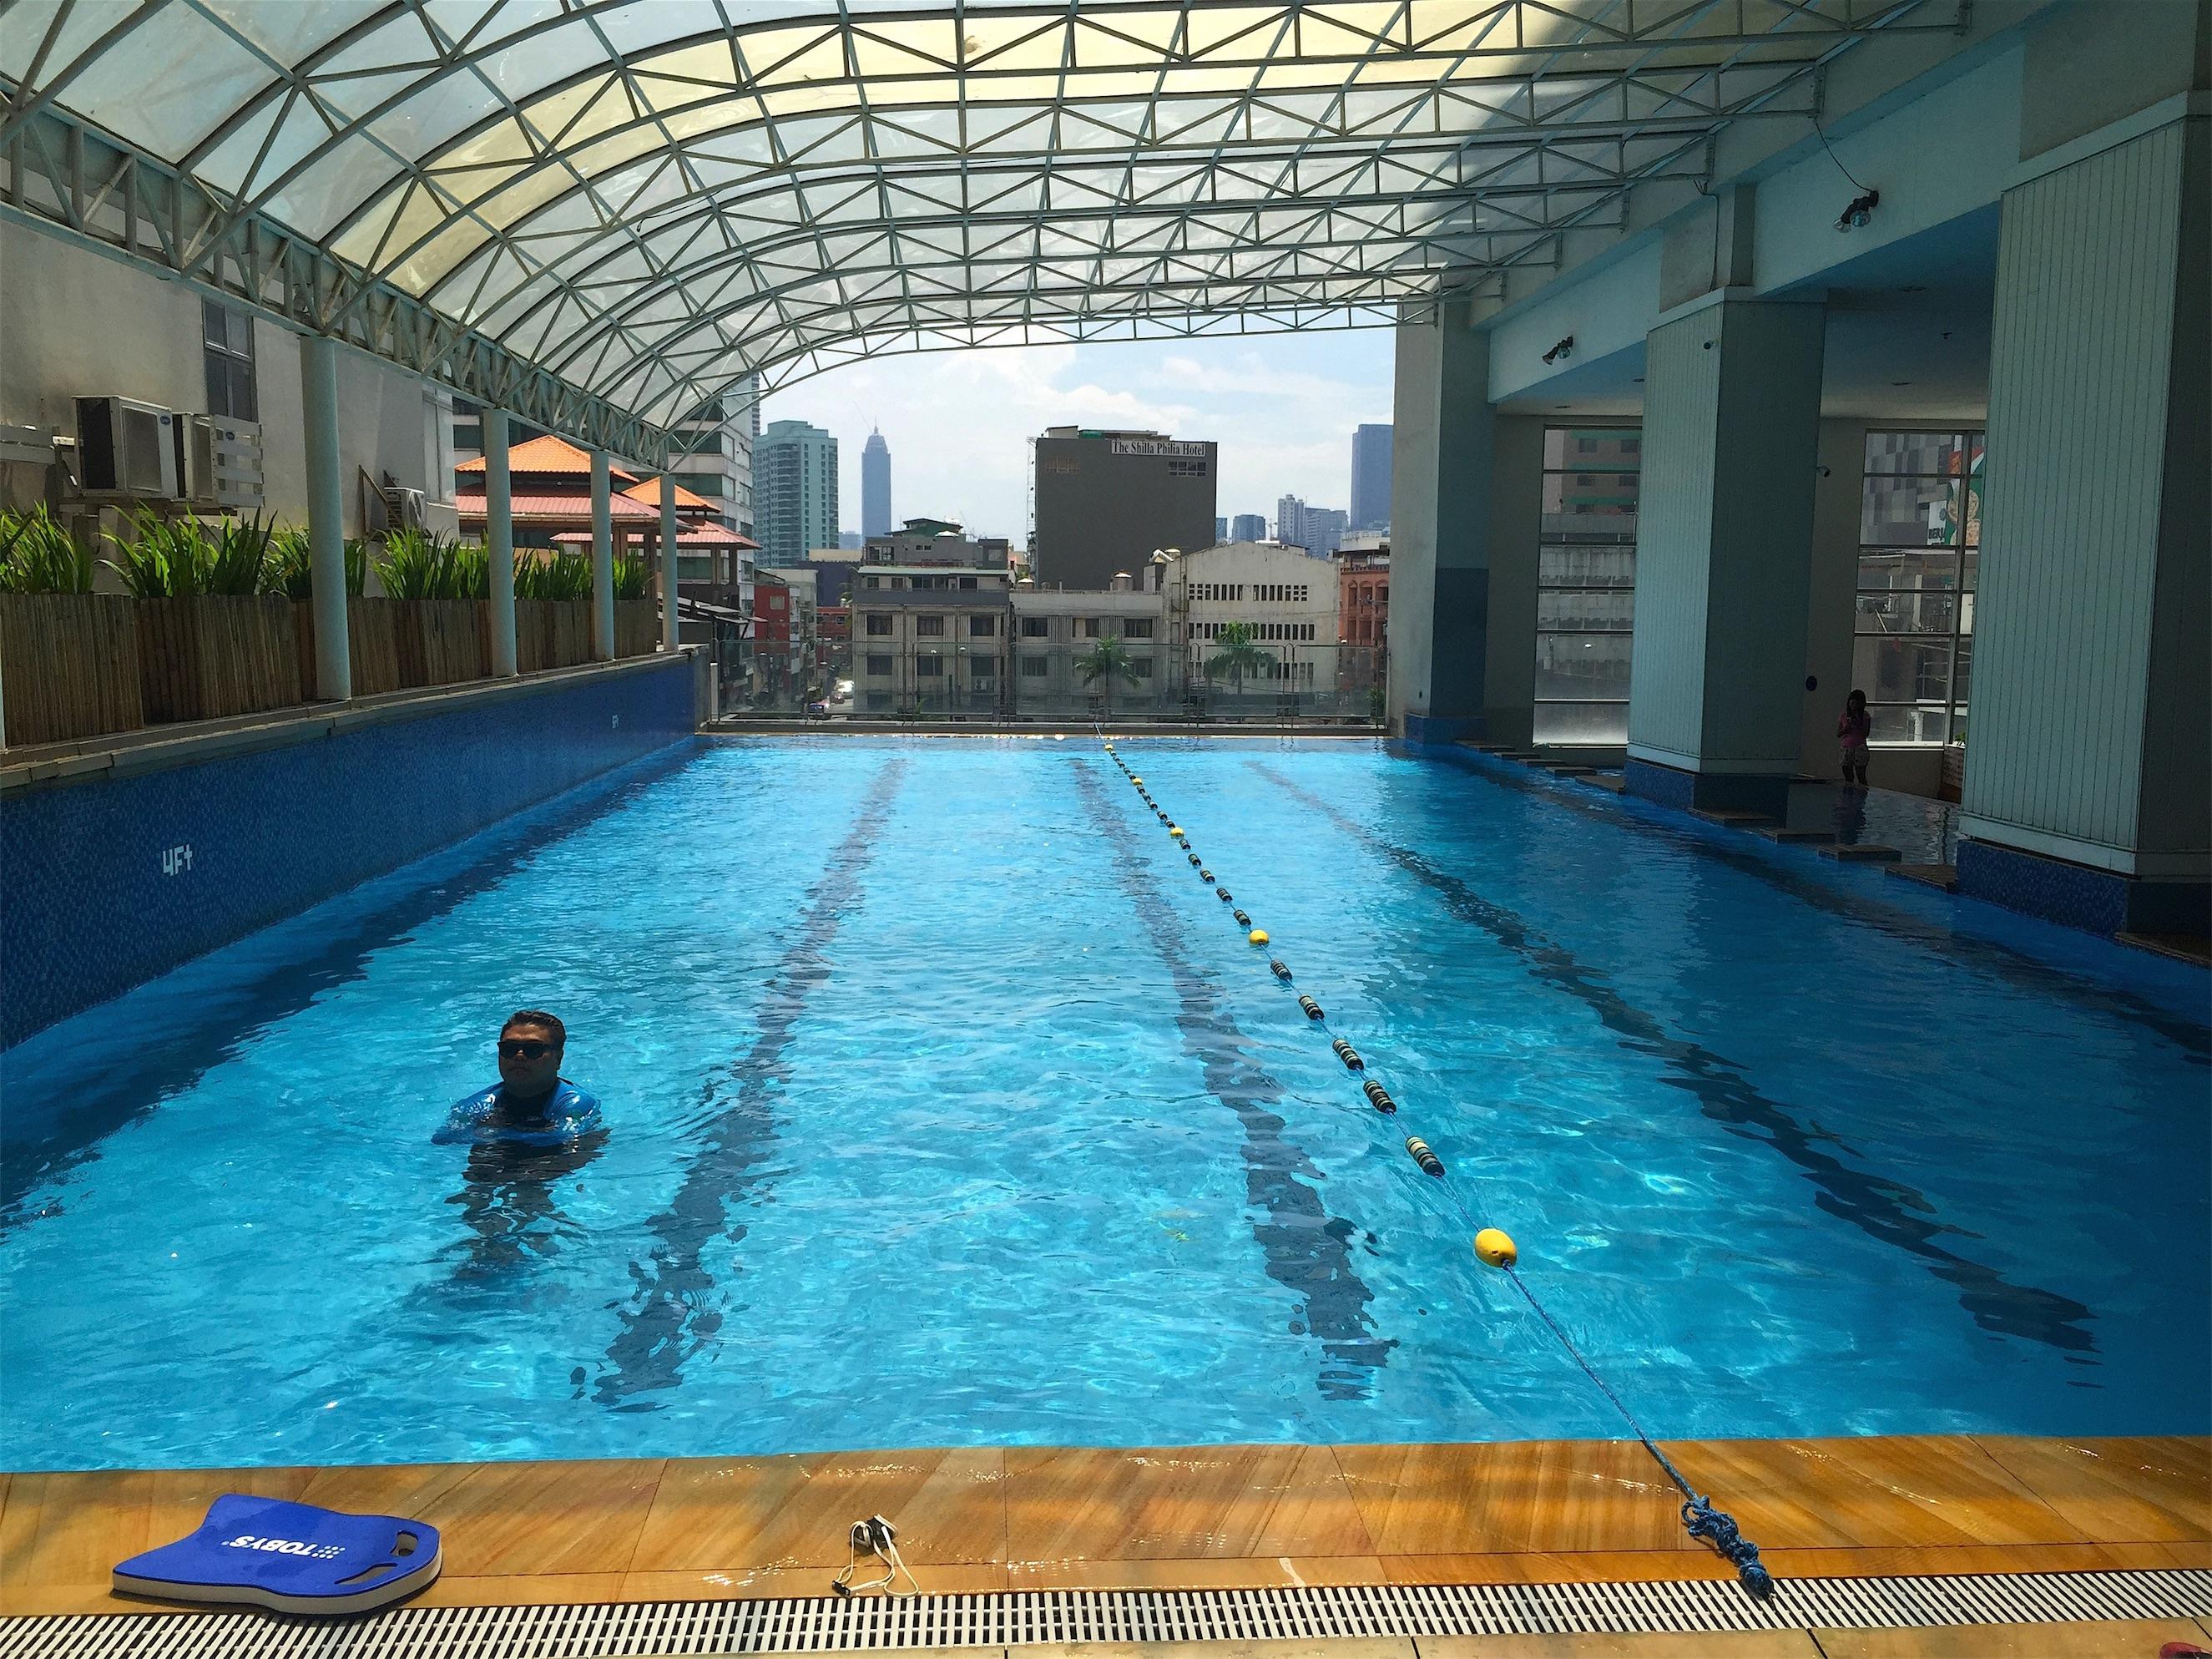 Lanai 39 S Hotel Pics From Around The World Lanai 39 S Travel Club